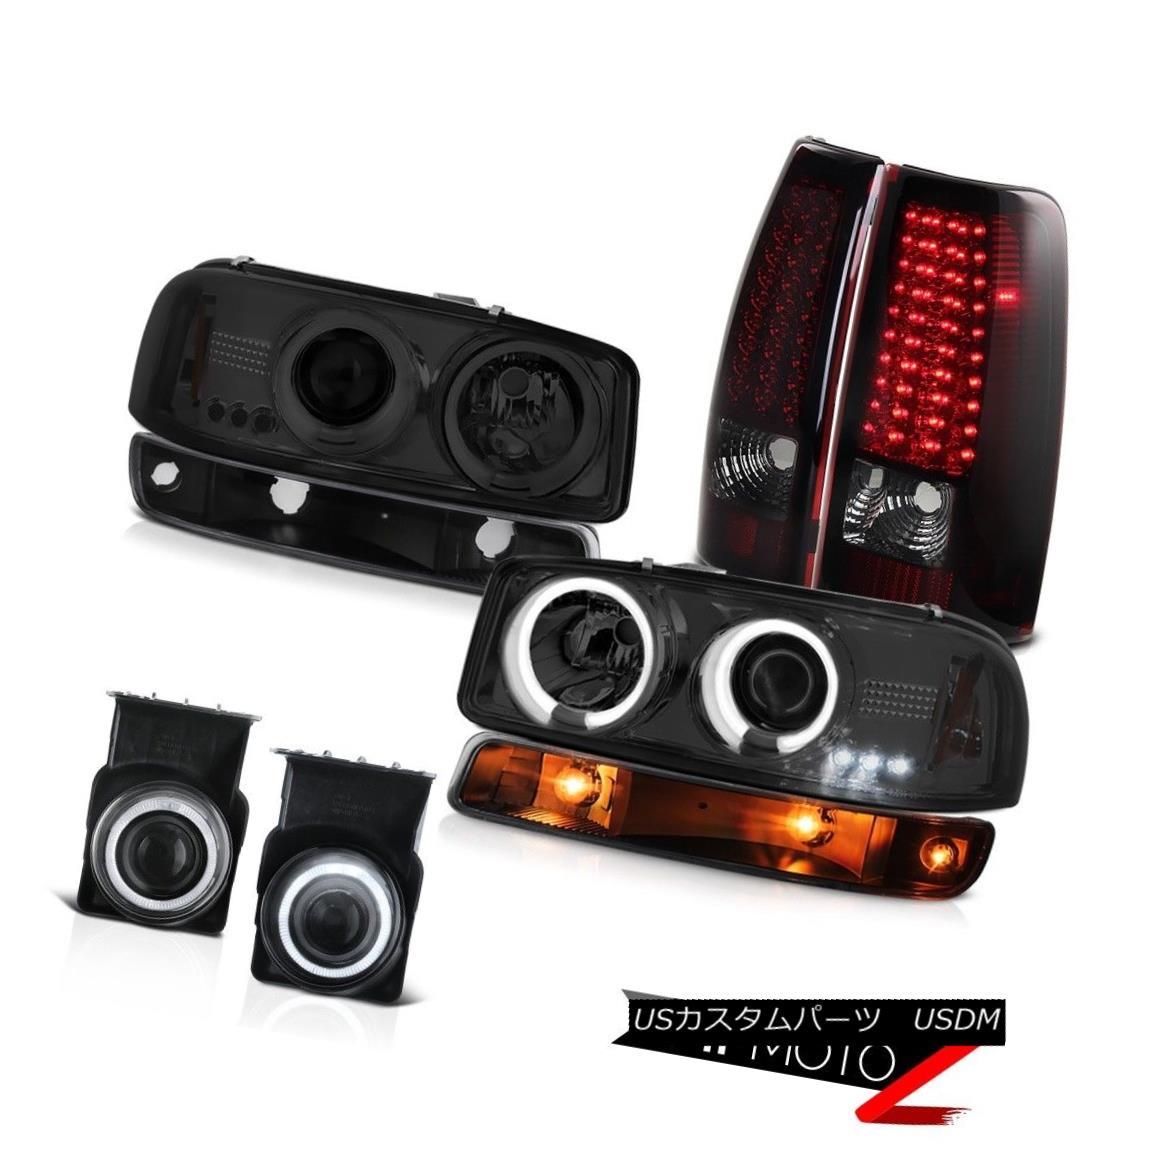 テールライト 03-06 Sierra 4.3L Fog lights led tail inky black signal lamp ccfl Headlights 03-06シエラ4.3Lの霧のライトは、尾のinky黒の信号ランプccflヘッドライトを導いた